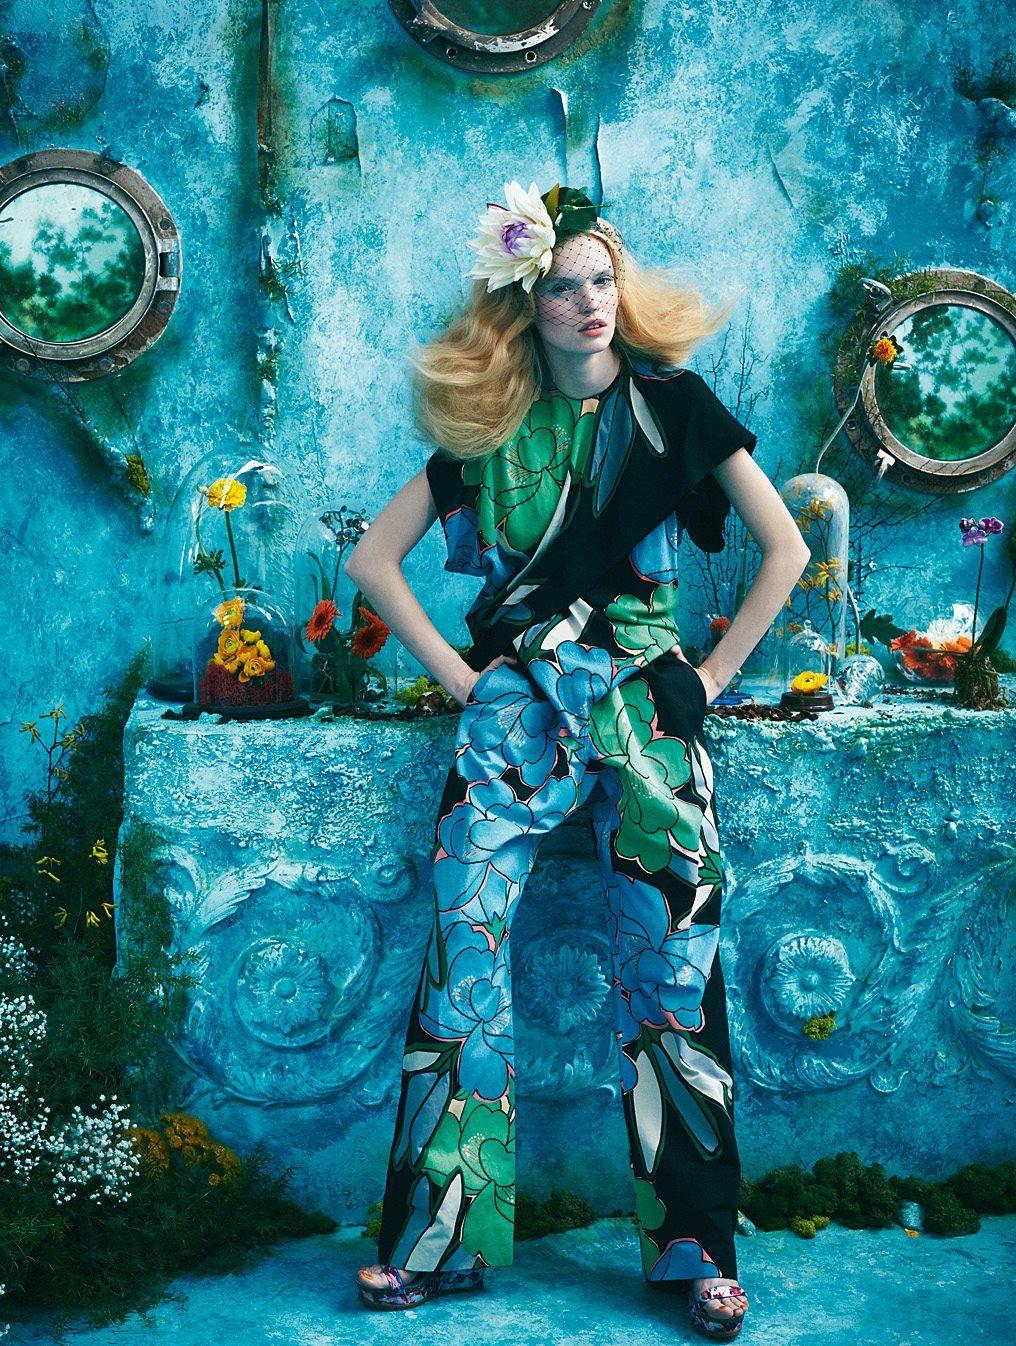 TatiTati Style ♔♔♔ Tutte In Fiore: Luisa Bianchin By Sandrine Dulermo And Michael Labica For Glamour Italia April 2015